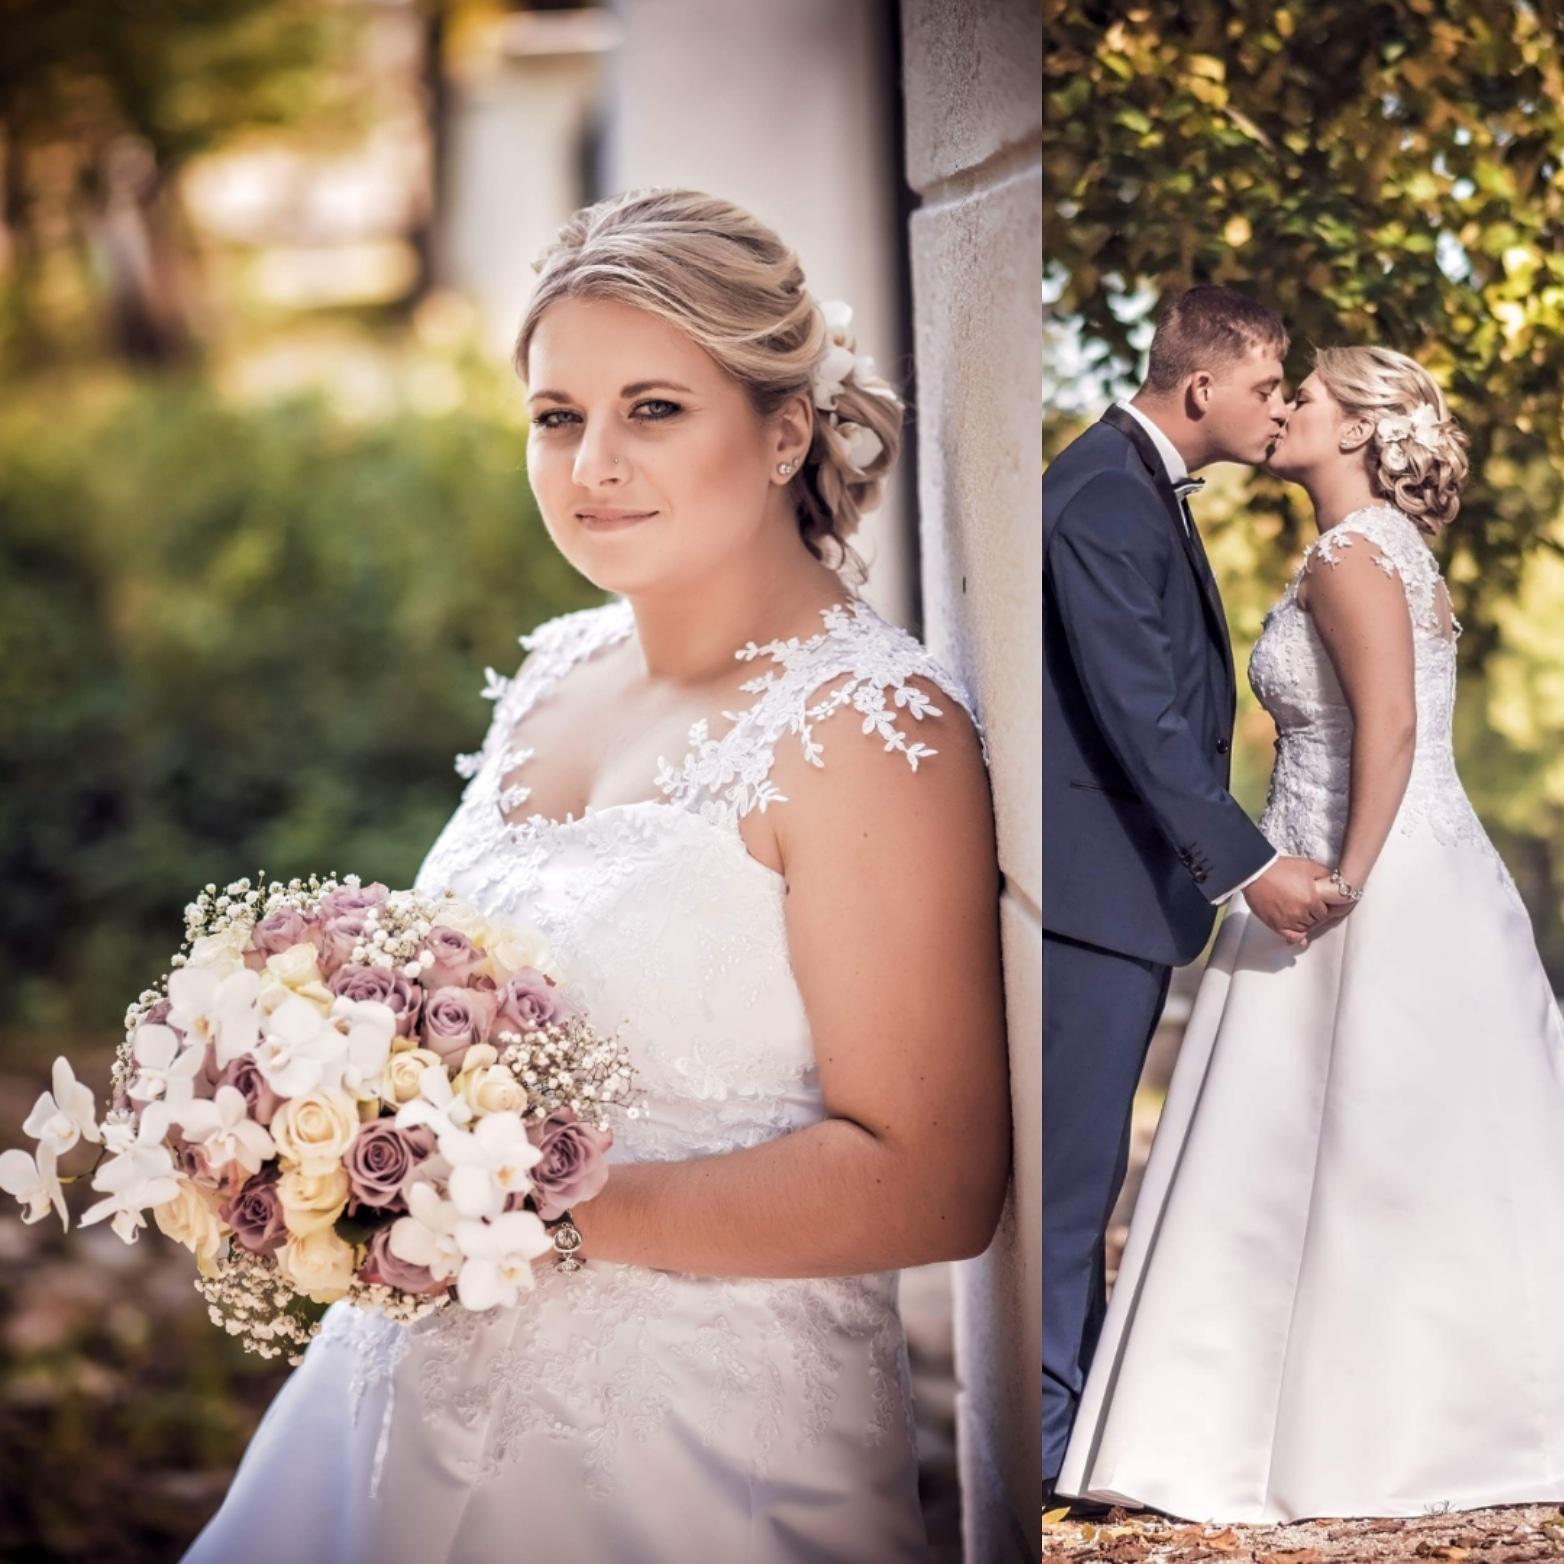 Šitie svadobných šiat na mieru,za ceny,ktoré potešia váš rozpočet. - Obrázok č. 3